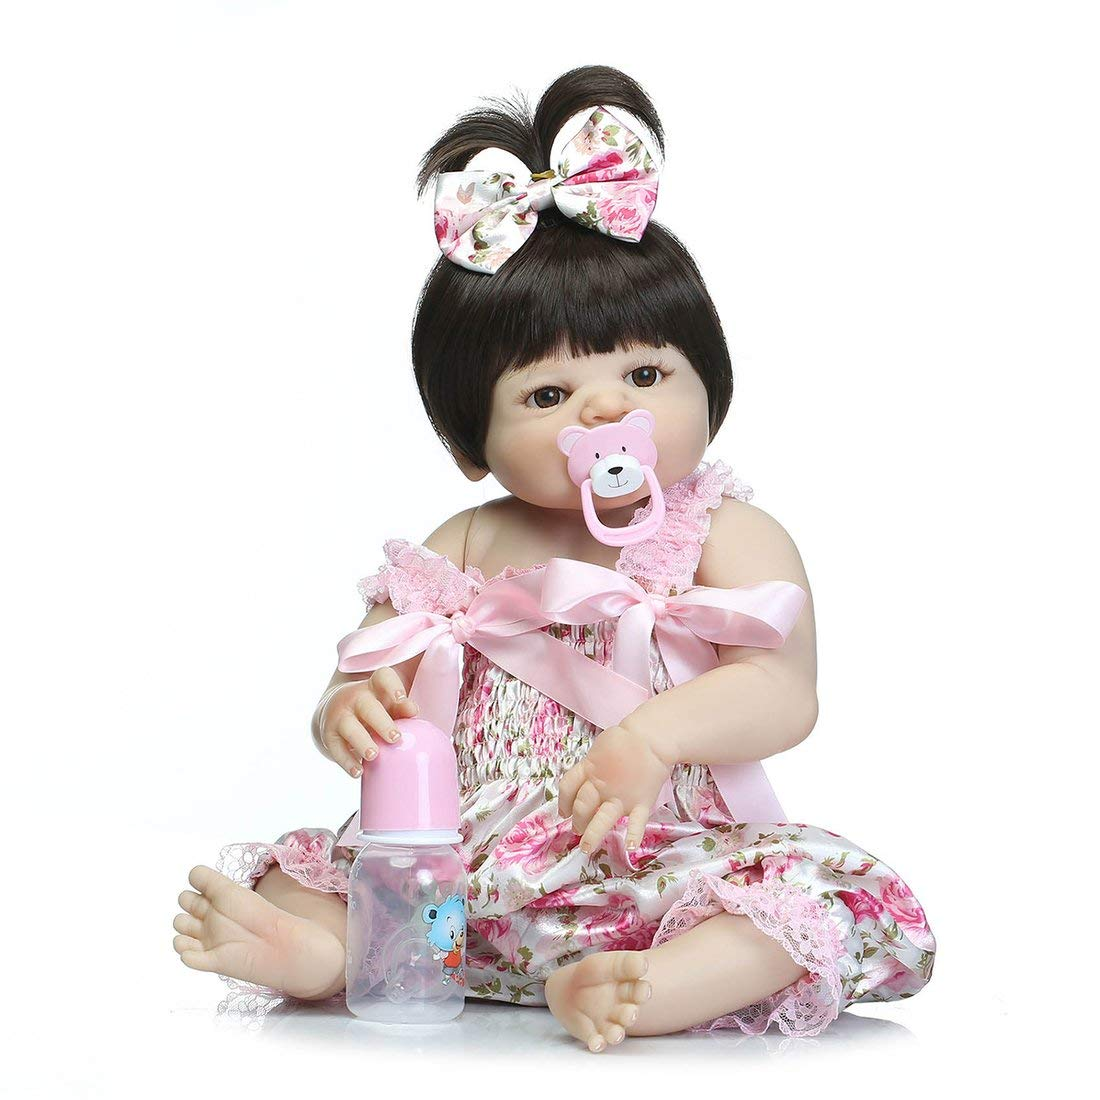 Formulaone Simulación Bebé Lindo Reborn Doll Girl High Grade Silicona Suave Realista Big Eye recién Nacido Doll Parenting Niños Juguete